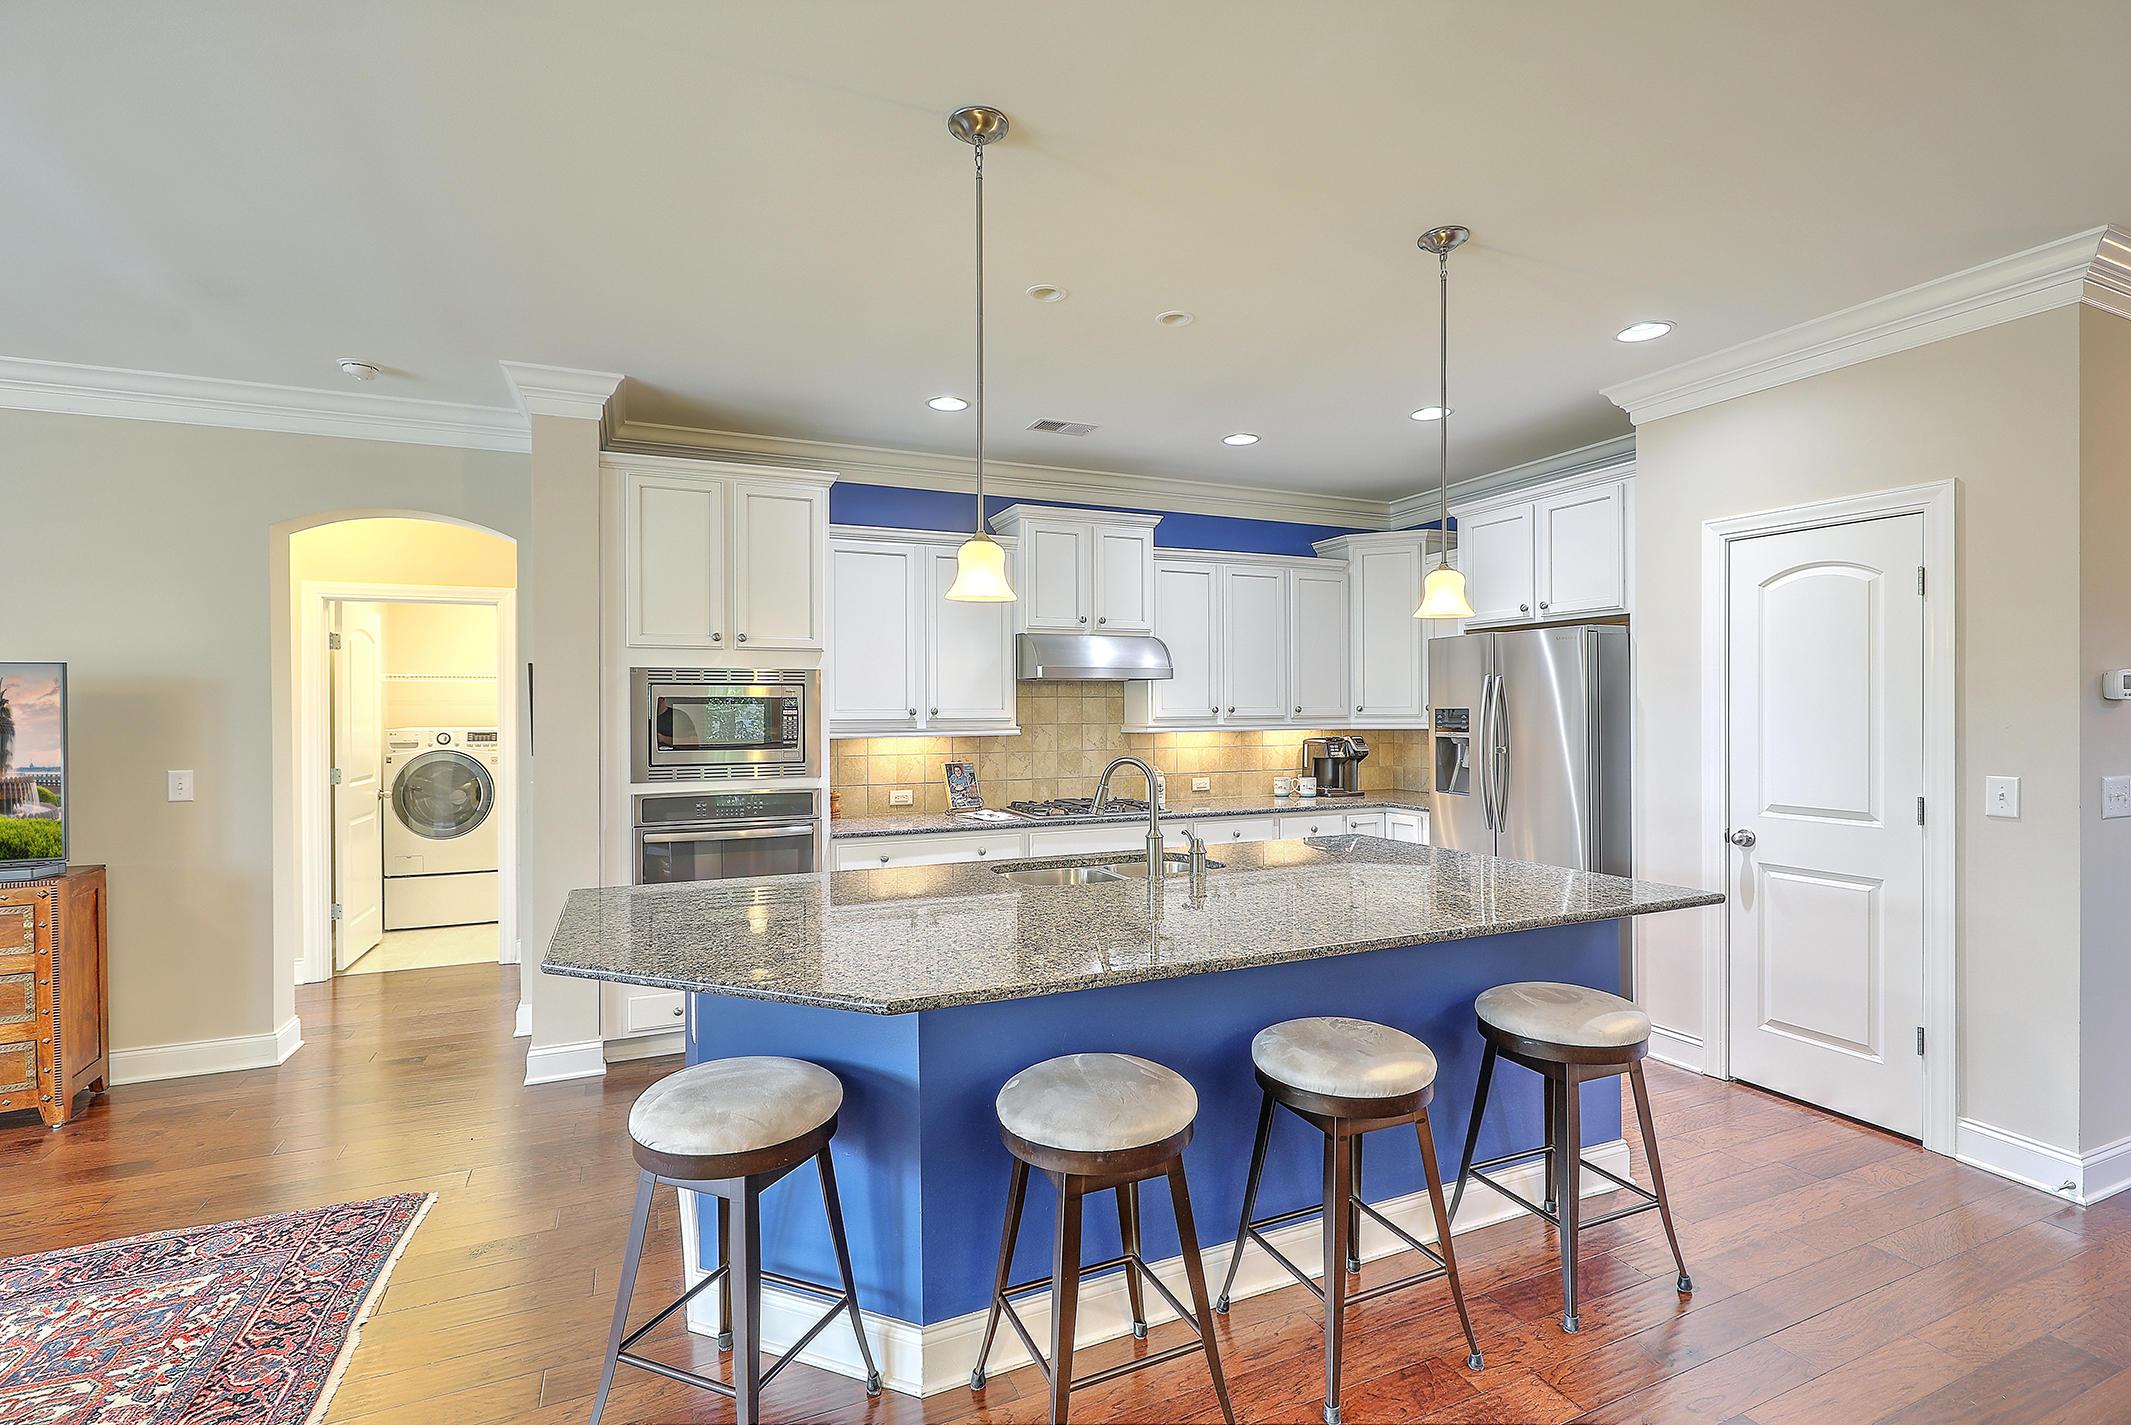 Carnes Crossroads Homes For Sale - 627 Van Buren, Summerville, SC - 29